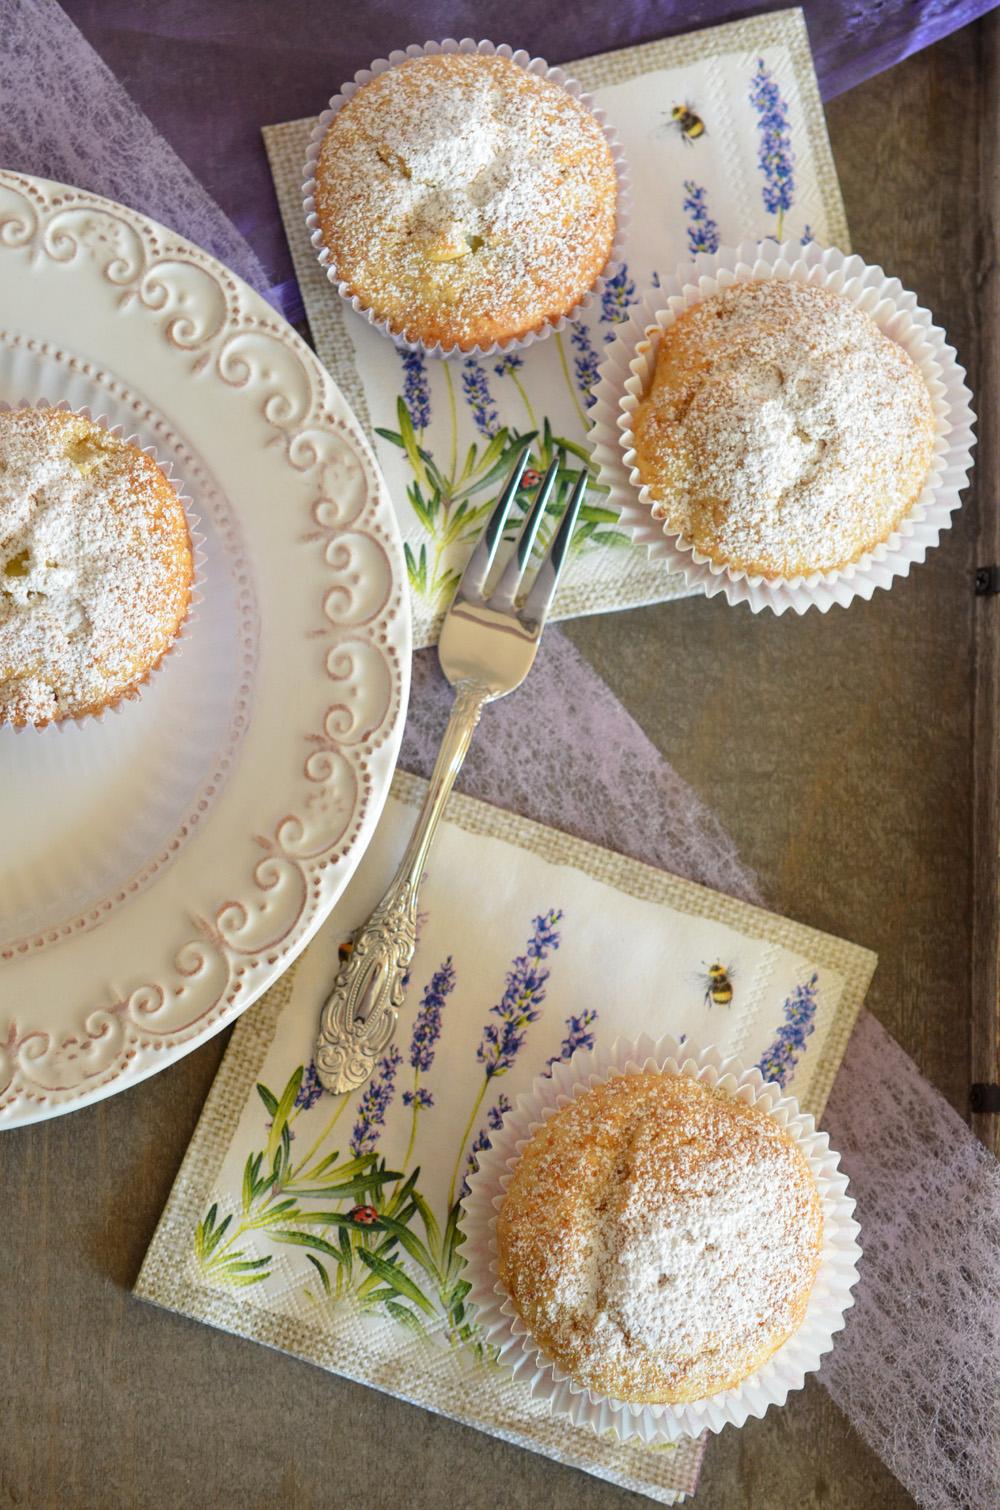 Rhabarber-Frischkäse-Muffins